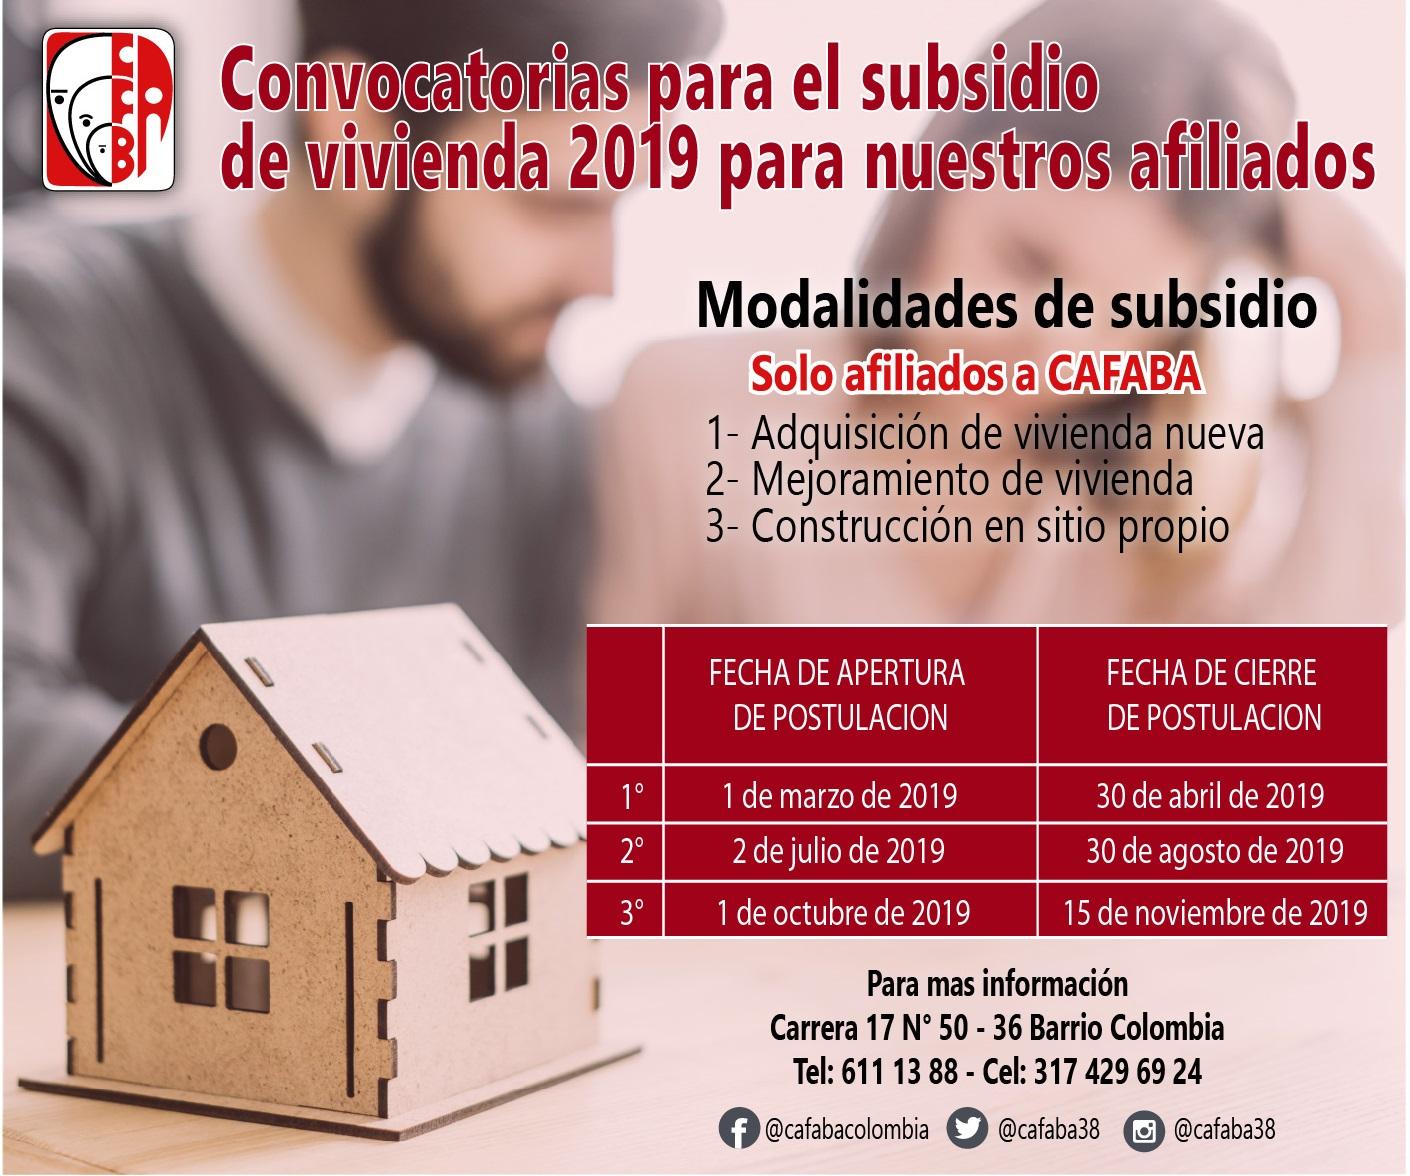 convocatorias subsidio